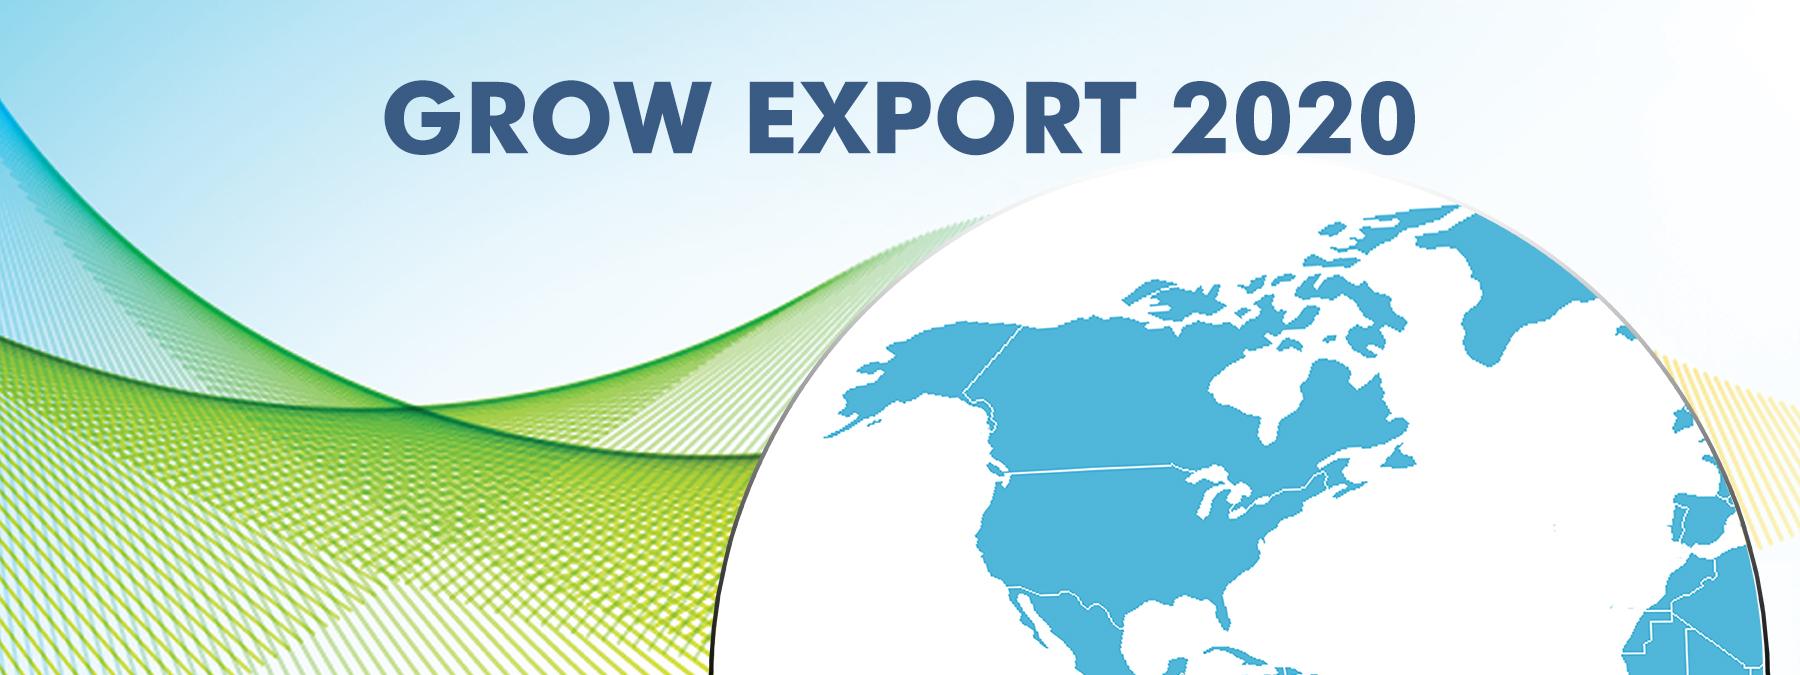 Grow Export 2020